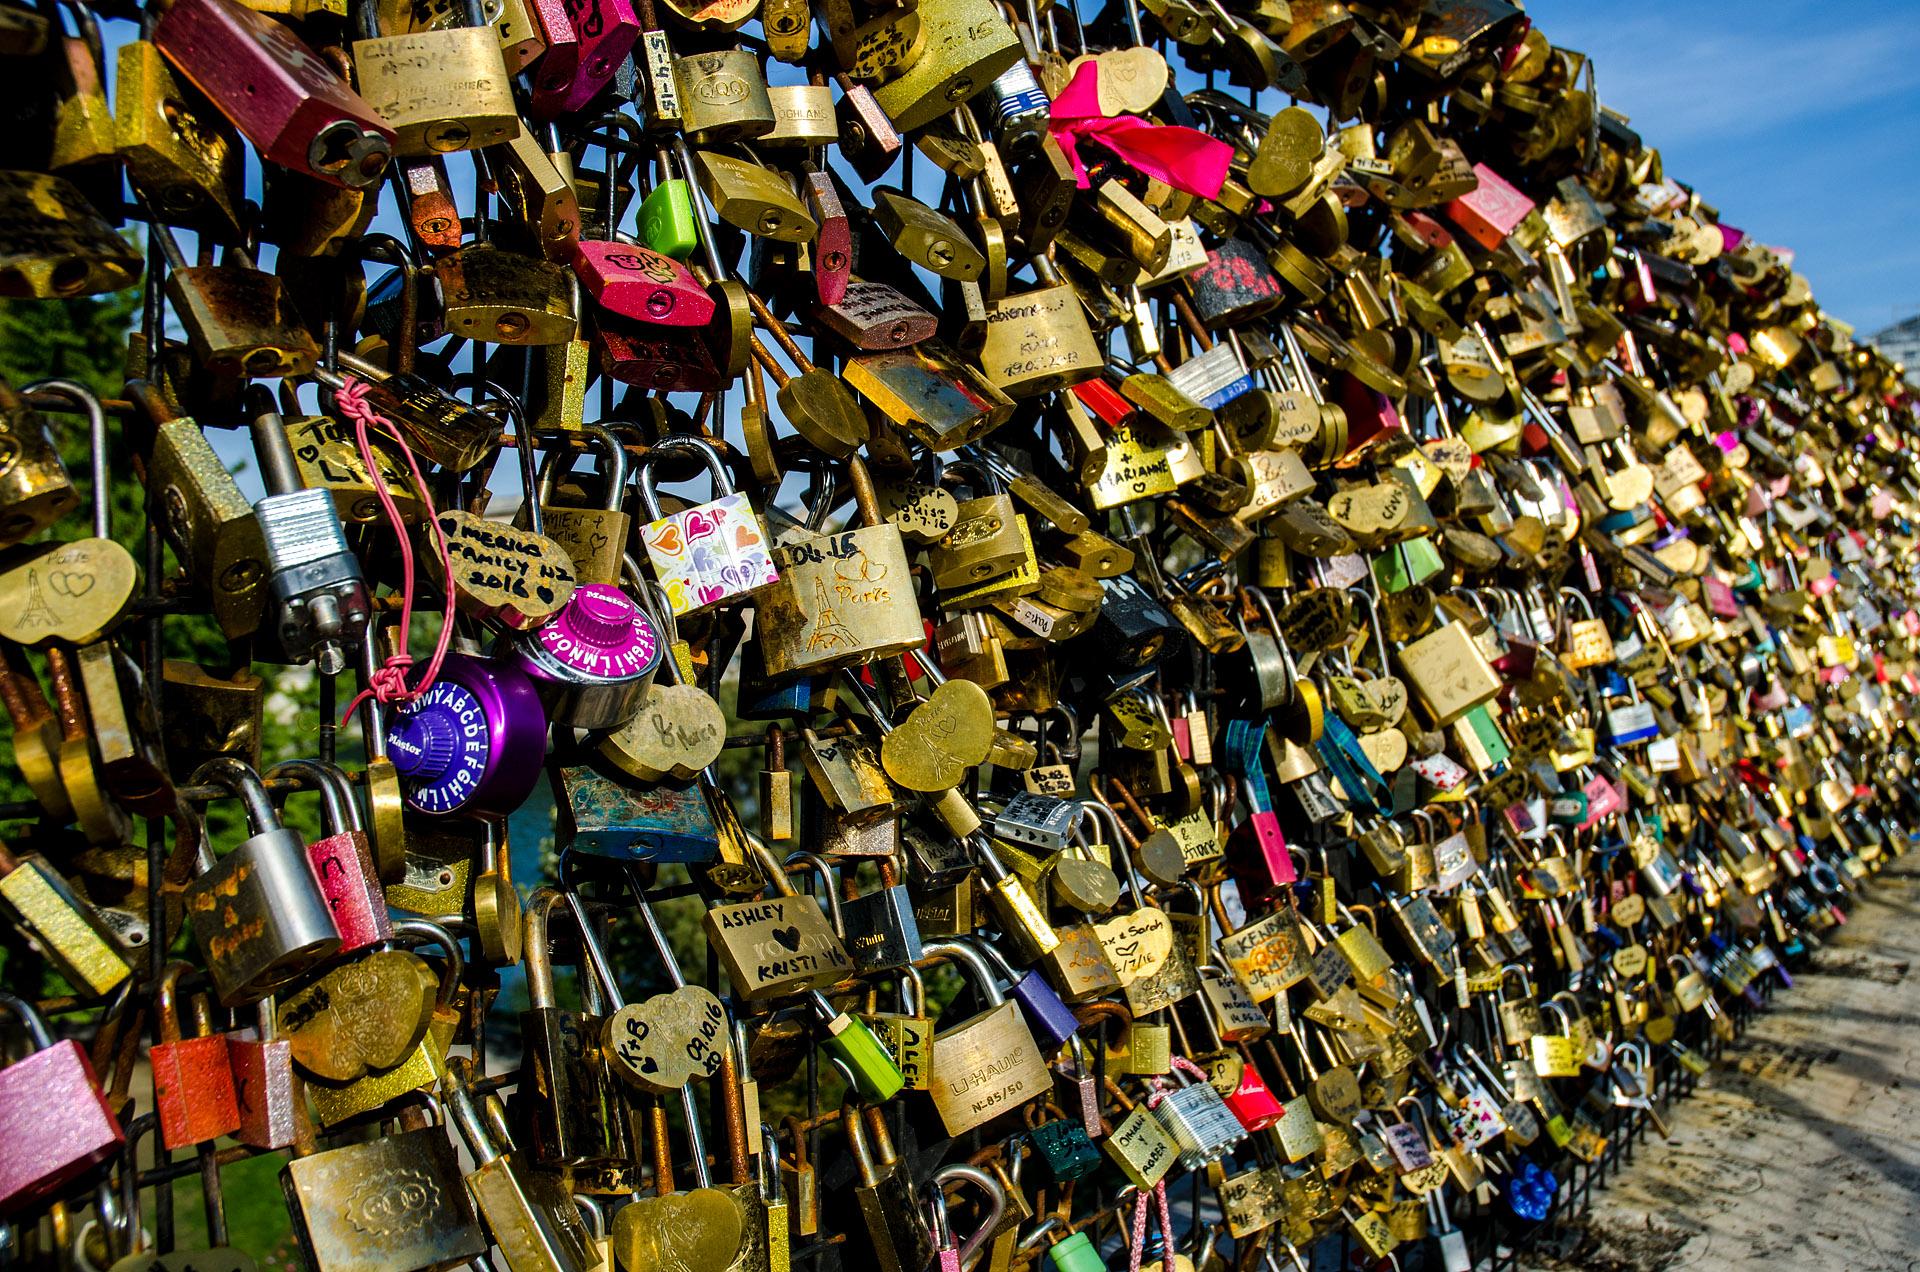 'Love locks' near Henri IV monument & Pont Neuf